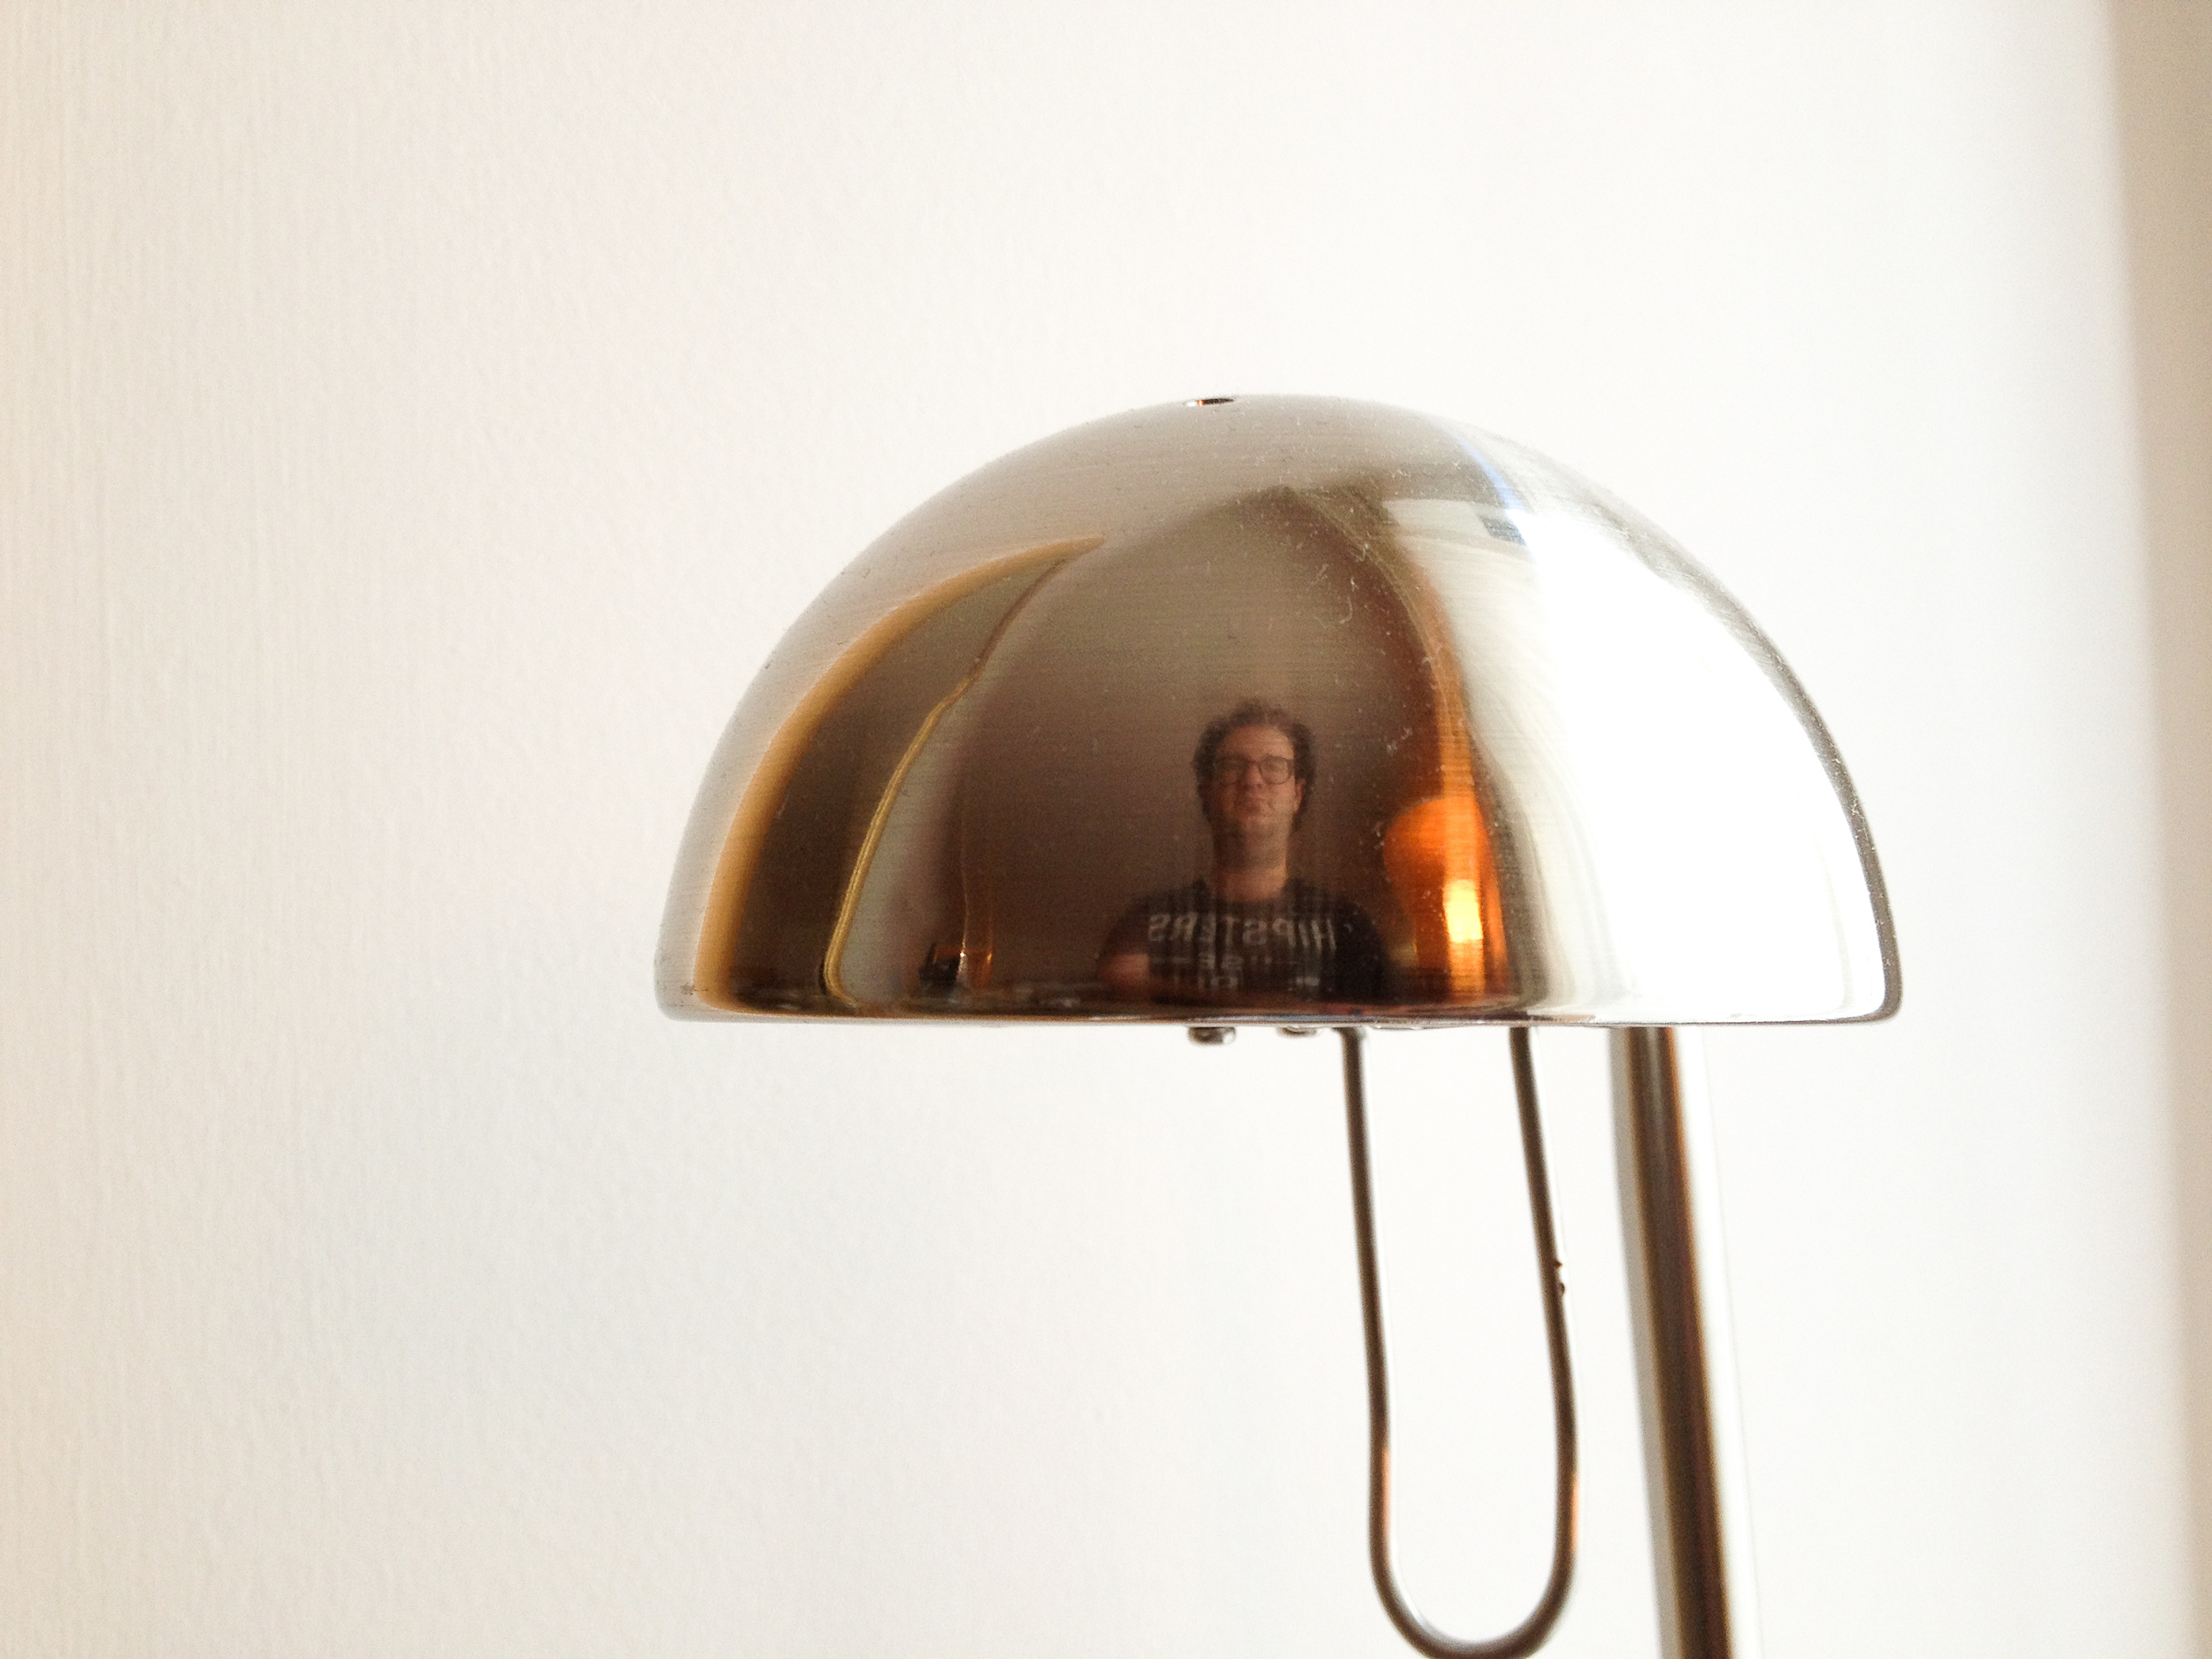 marklamp.jpg